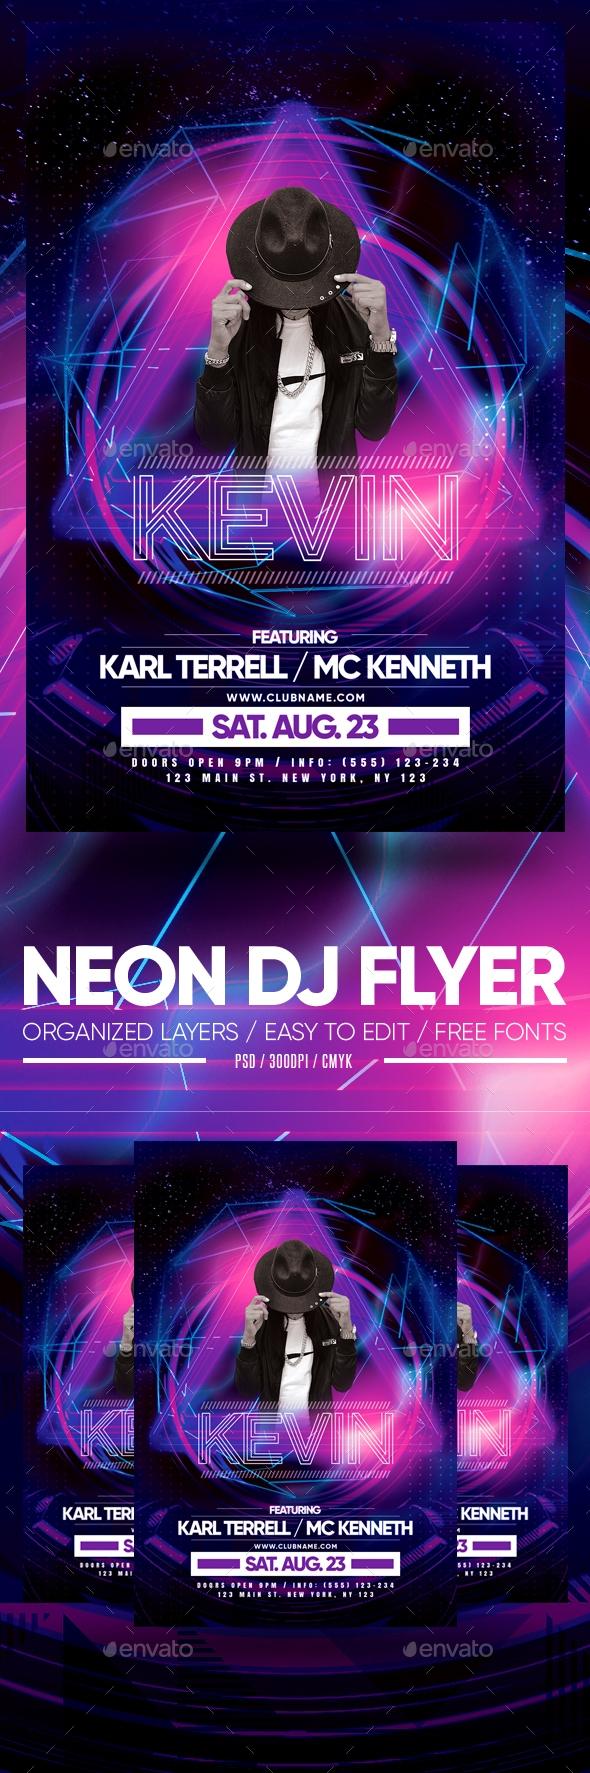 Flyers PSD – Neon DJ Fliers – Download